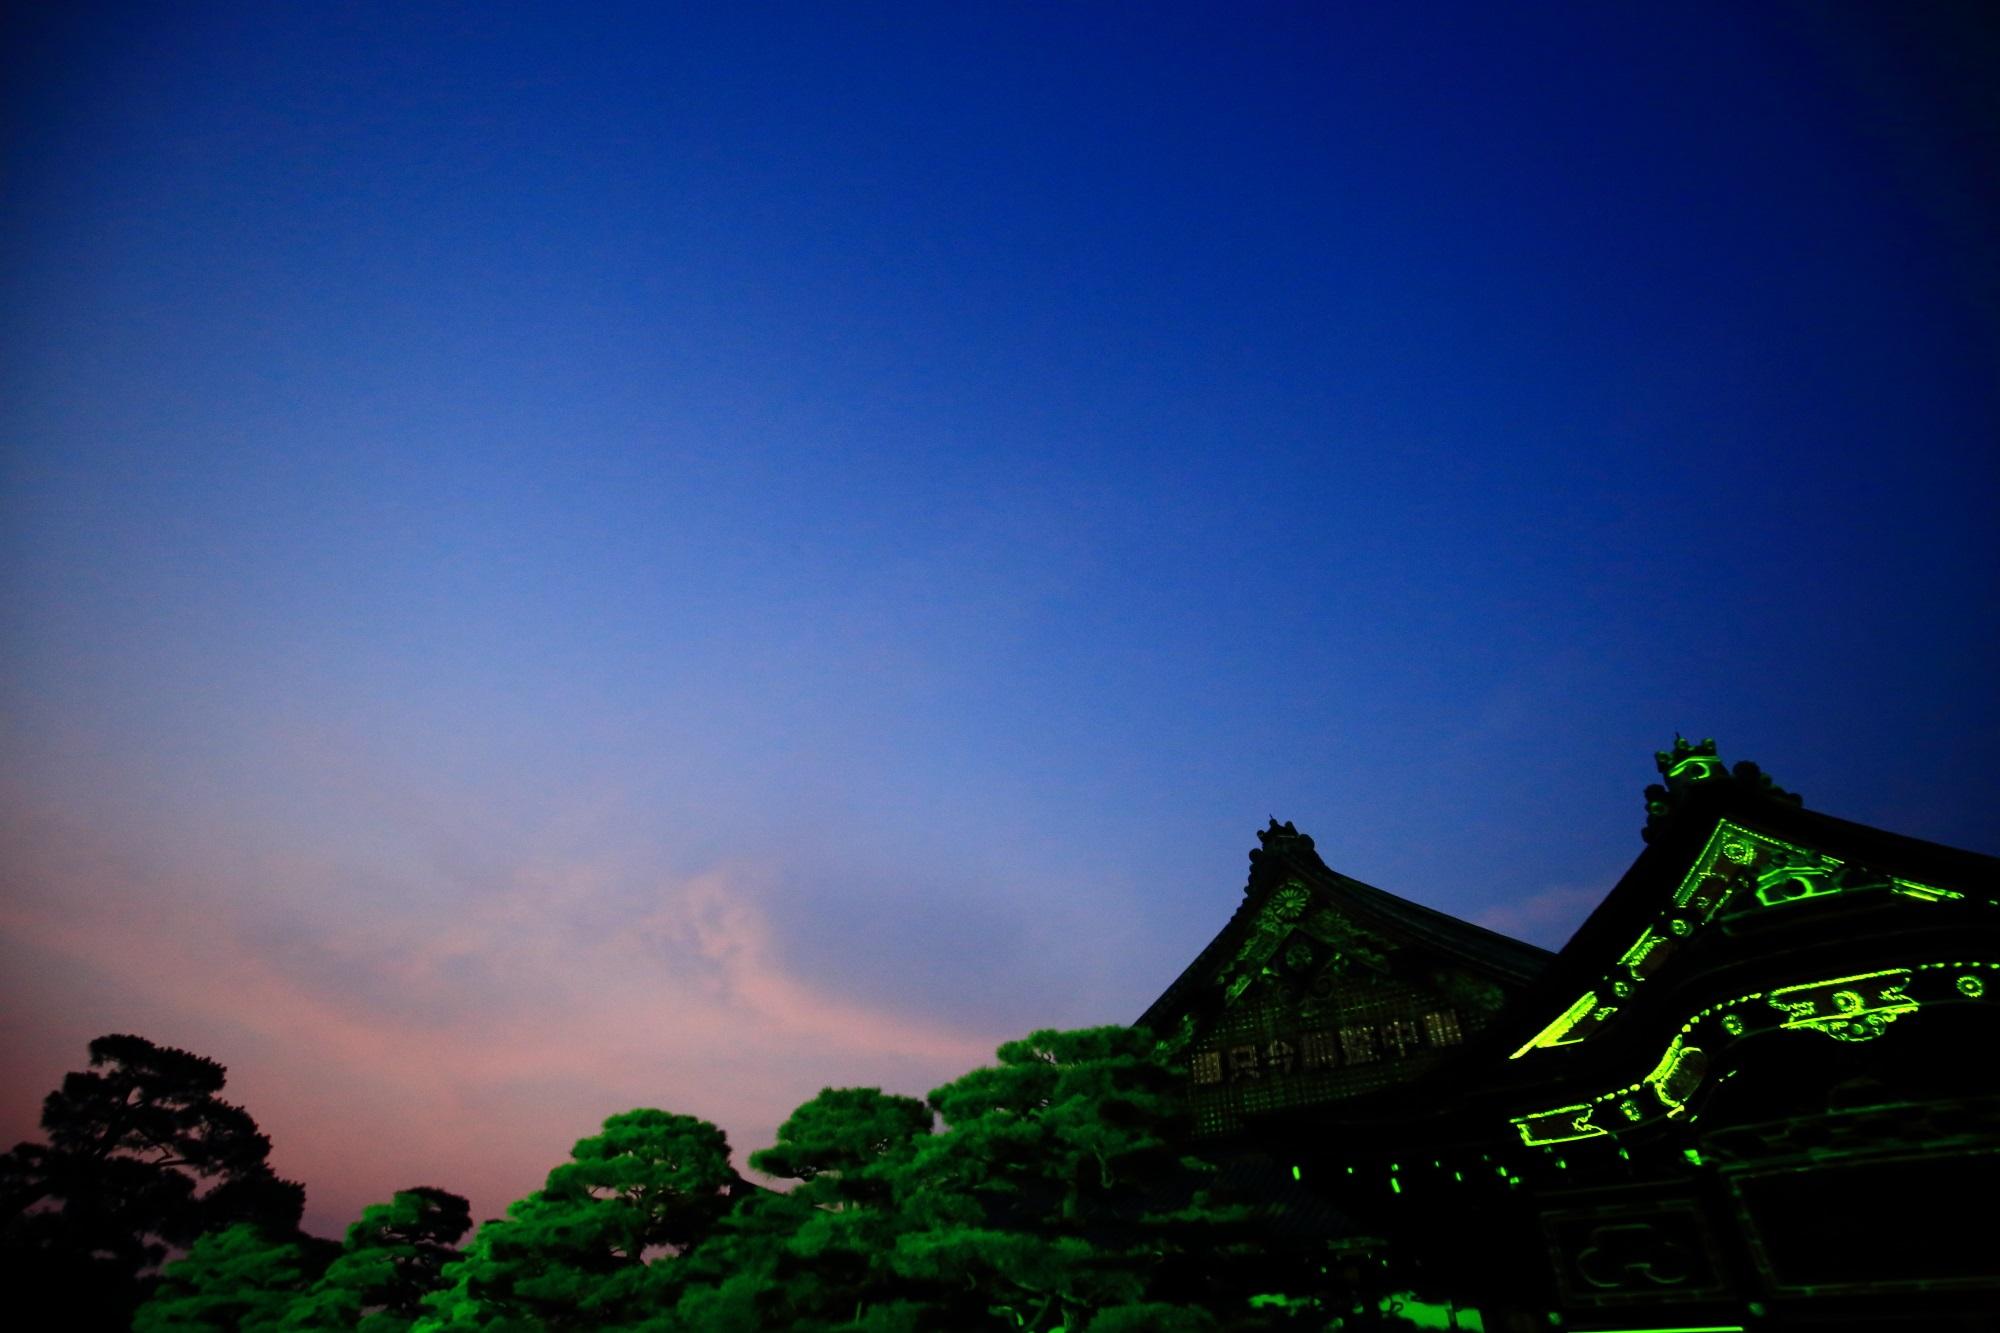 京の七夕堀川会場の二条城二の丸御殿と空